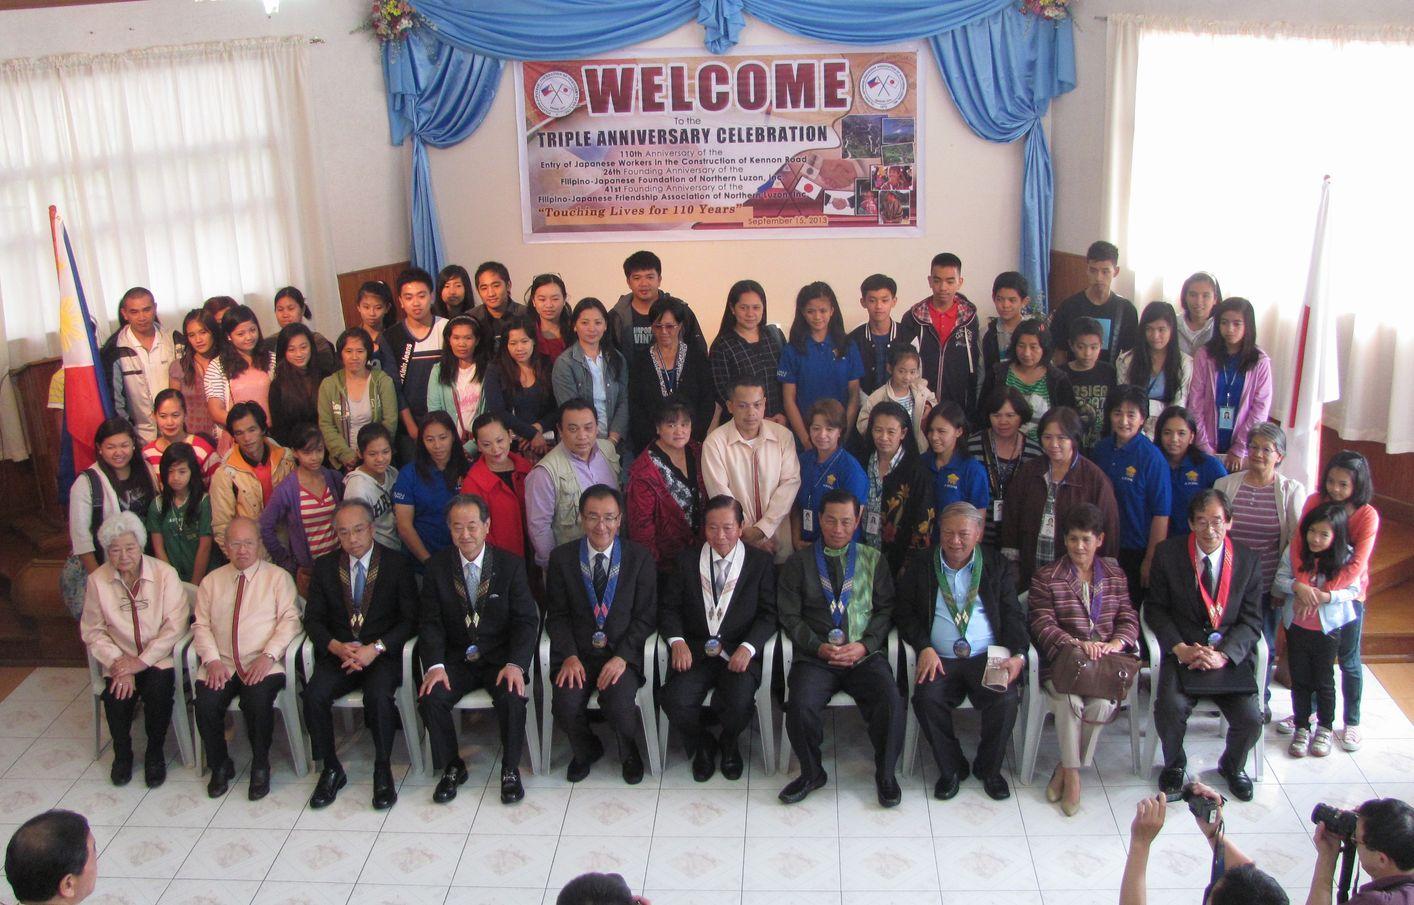 フィリピン・北ルソンの日系人 移民110周年を祝う Triple Anniversary, in Baguio_a0109542_16291312.jpg